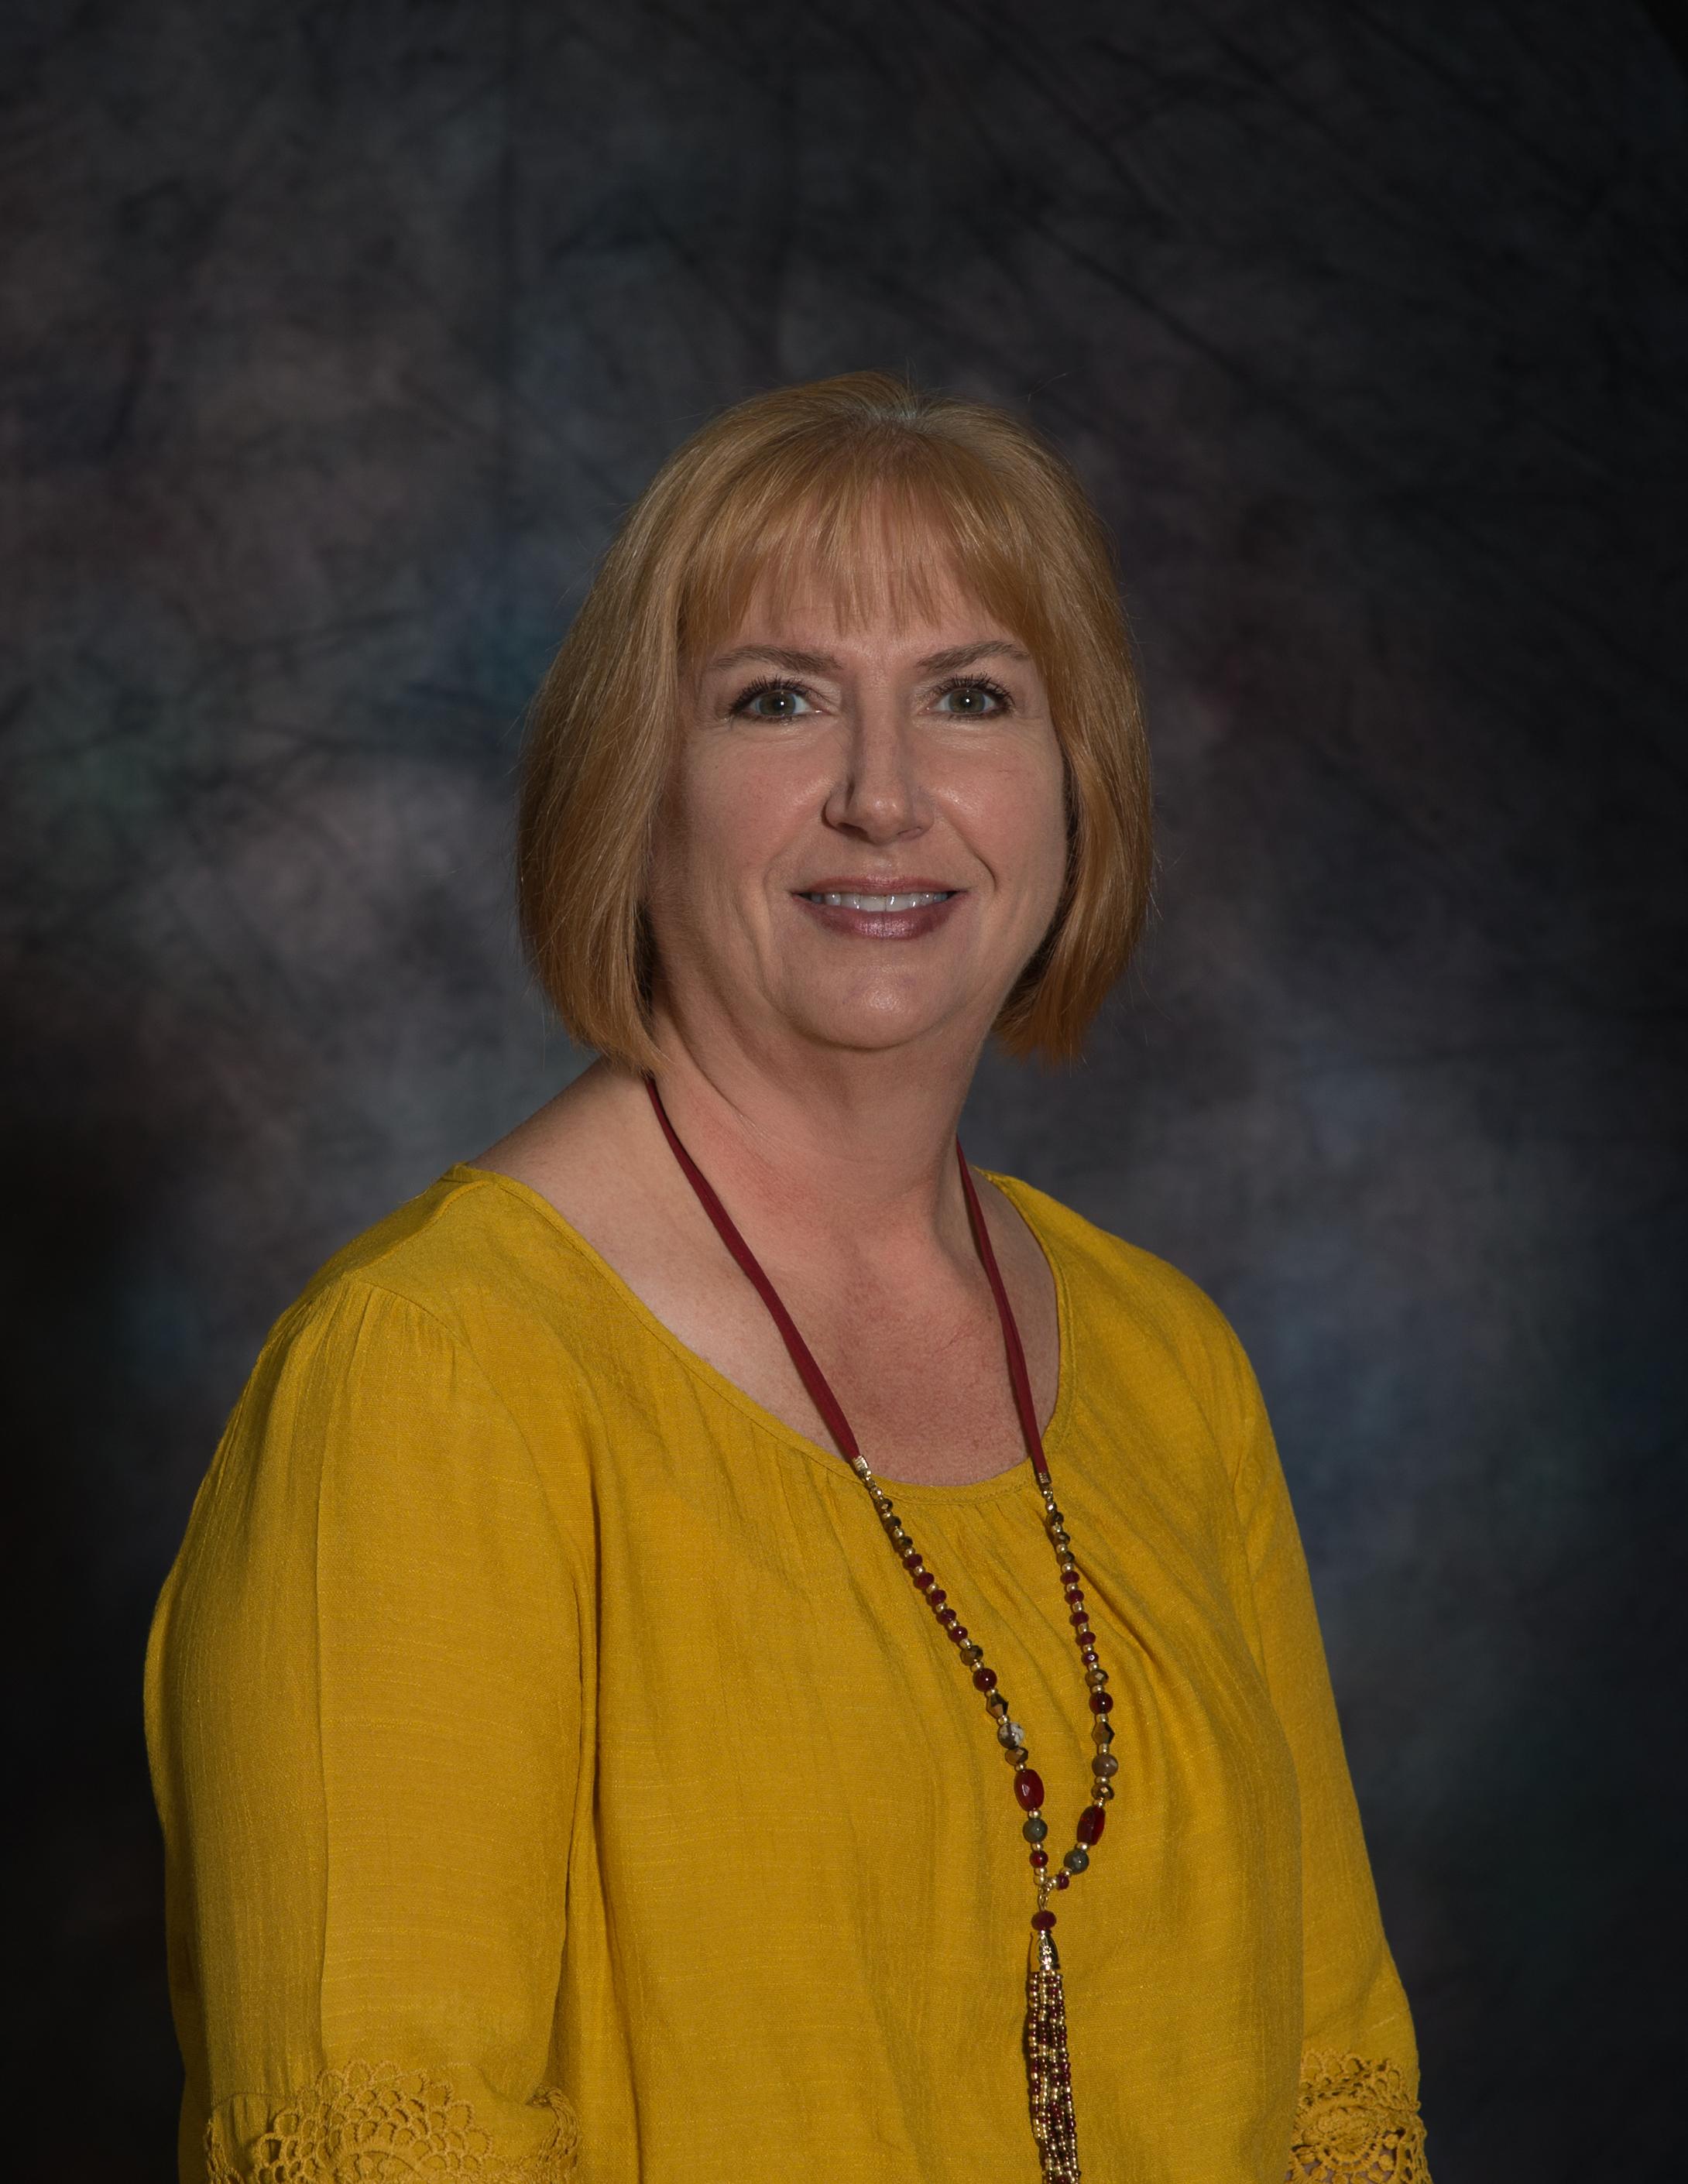 Kathy Stubbs